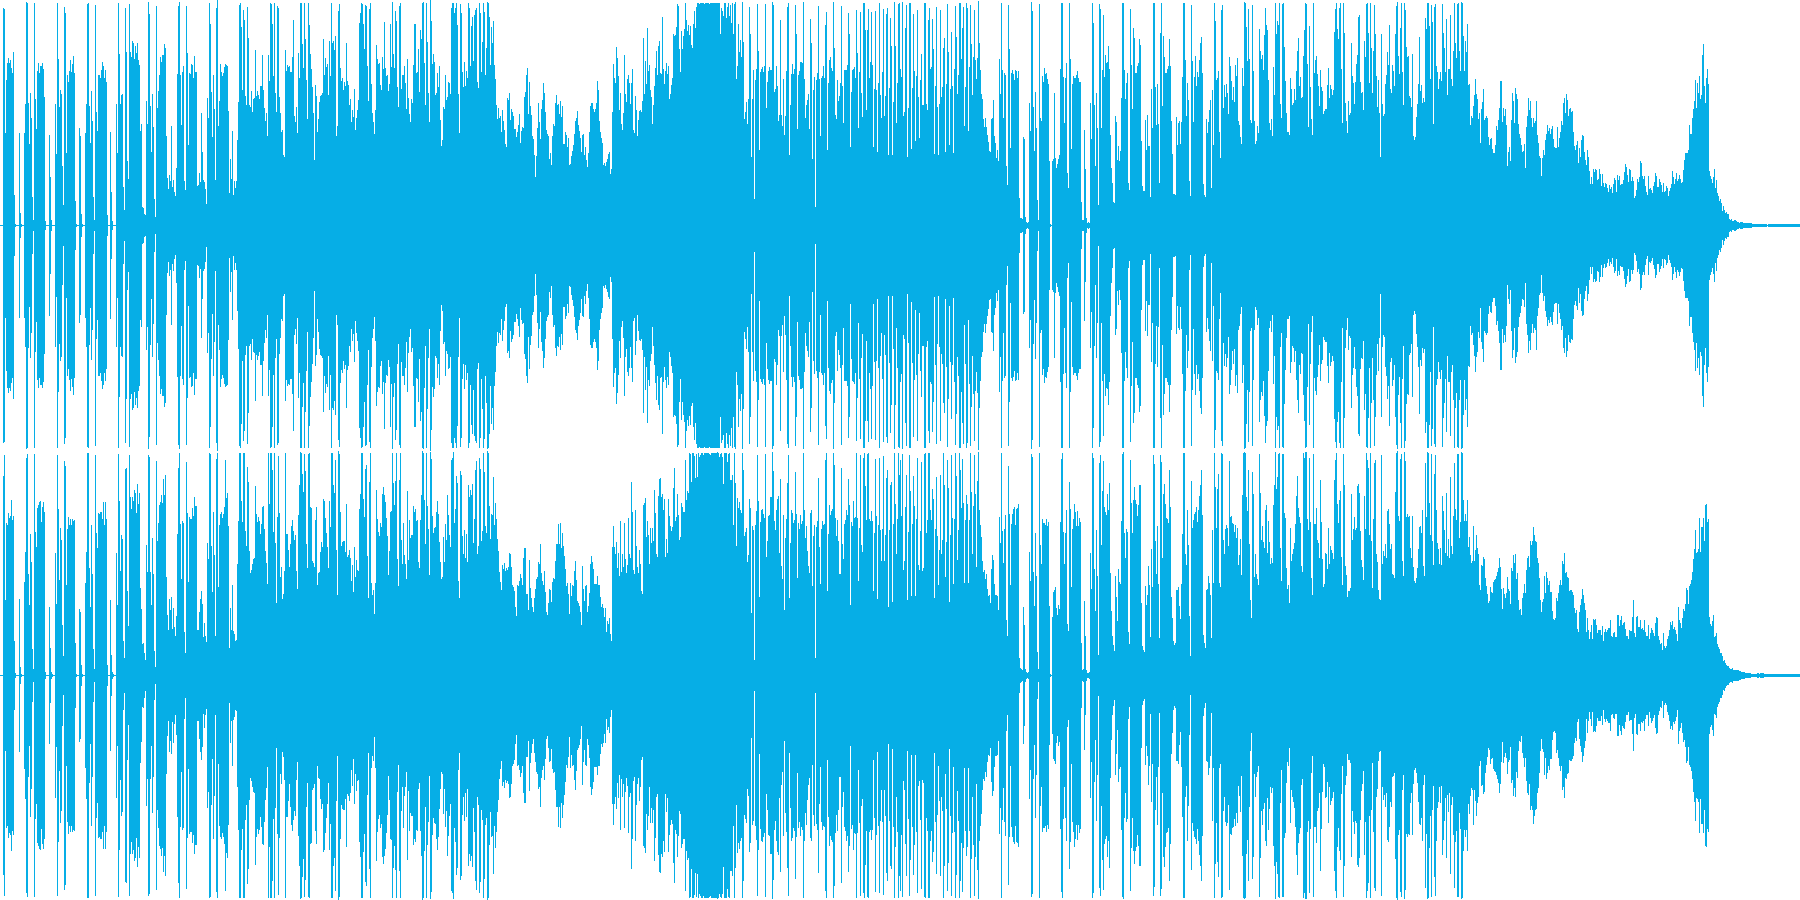 声なし】ダブステップ コミカル オシャレの再生済みの波形